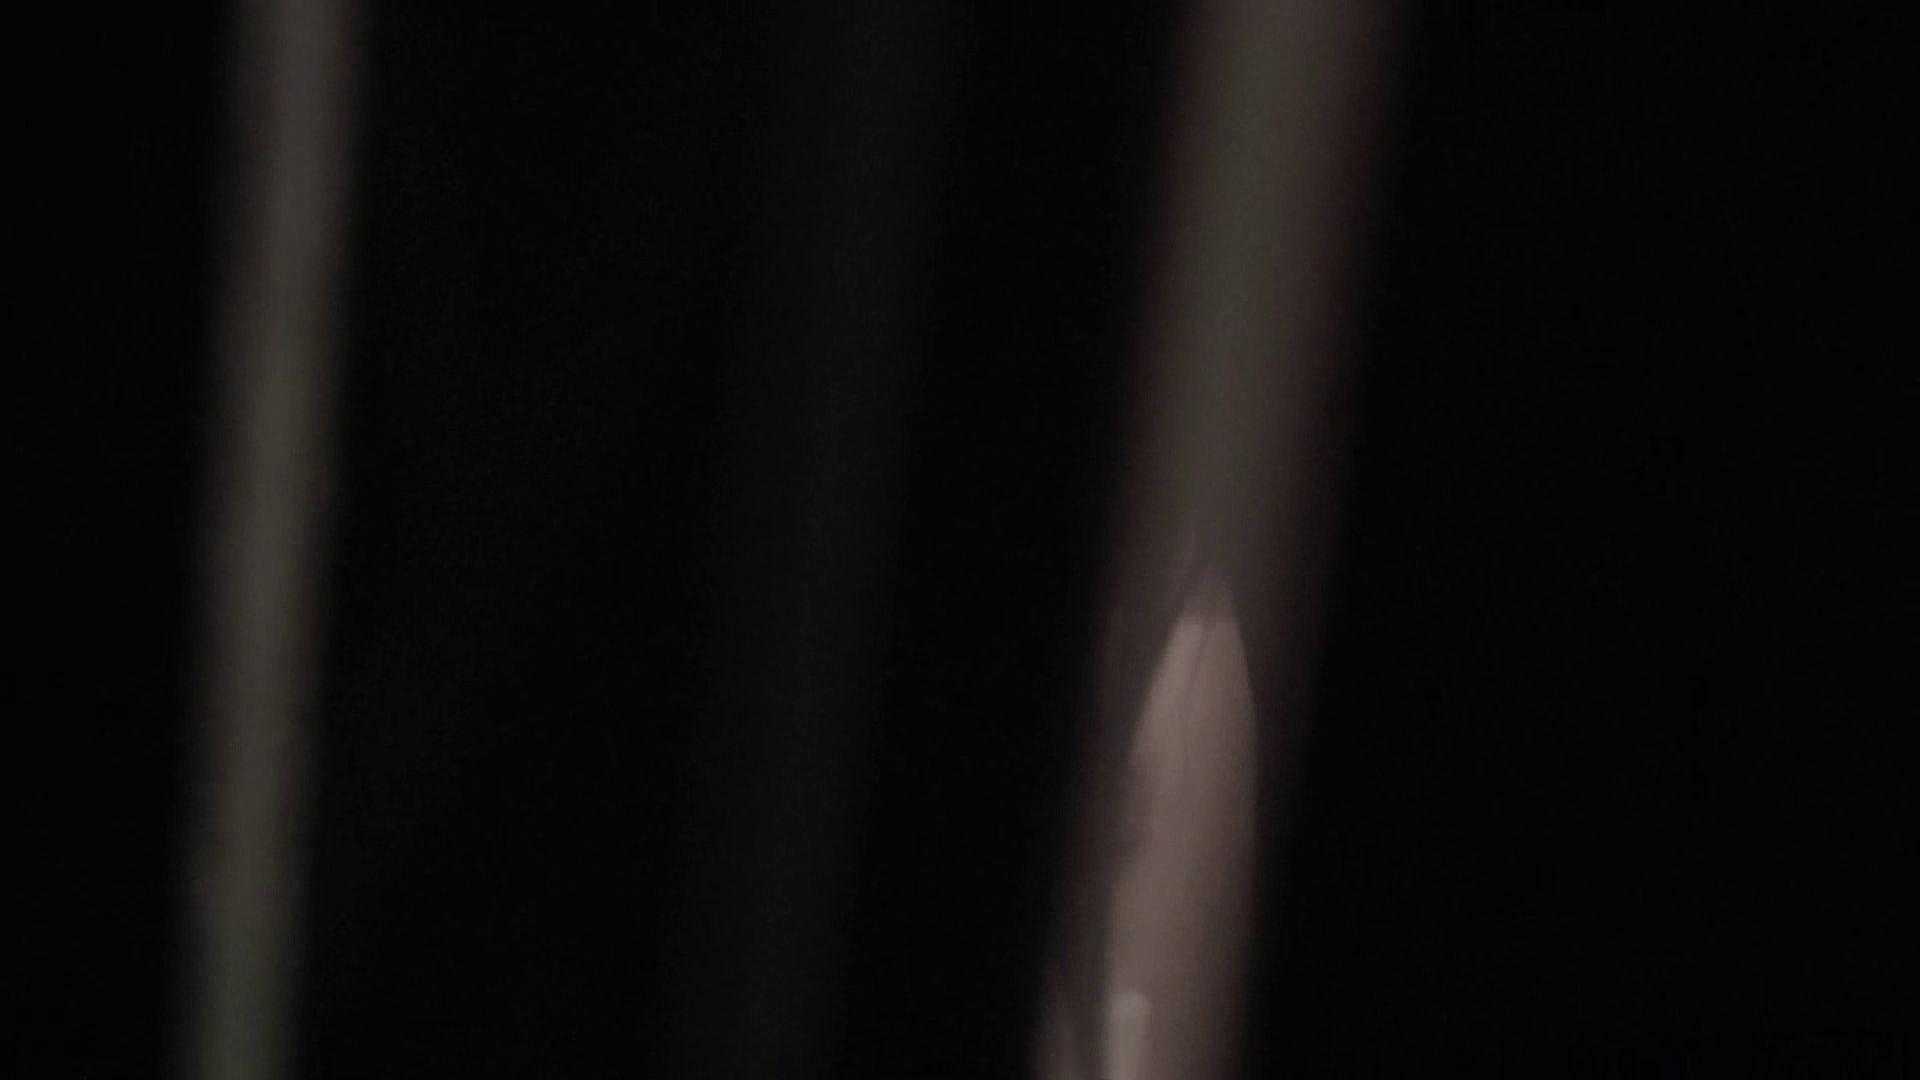 民家の騎士さんの最後の性戦ハイビジョン!!No.53 プライベート AV無料動画キャプチャ 98画像 2